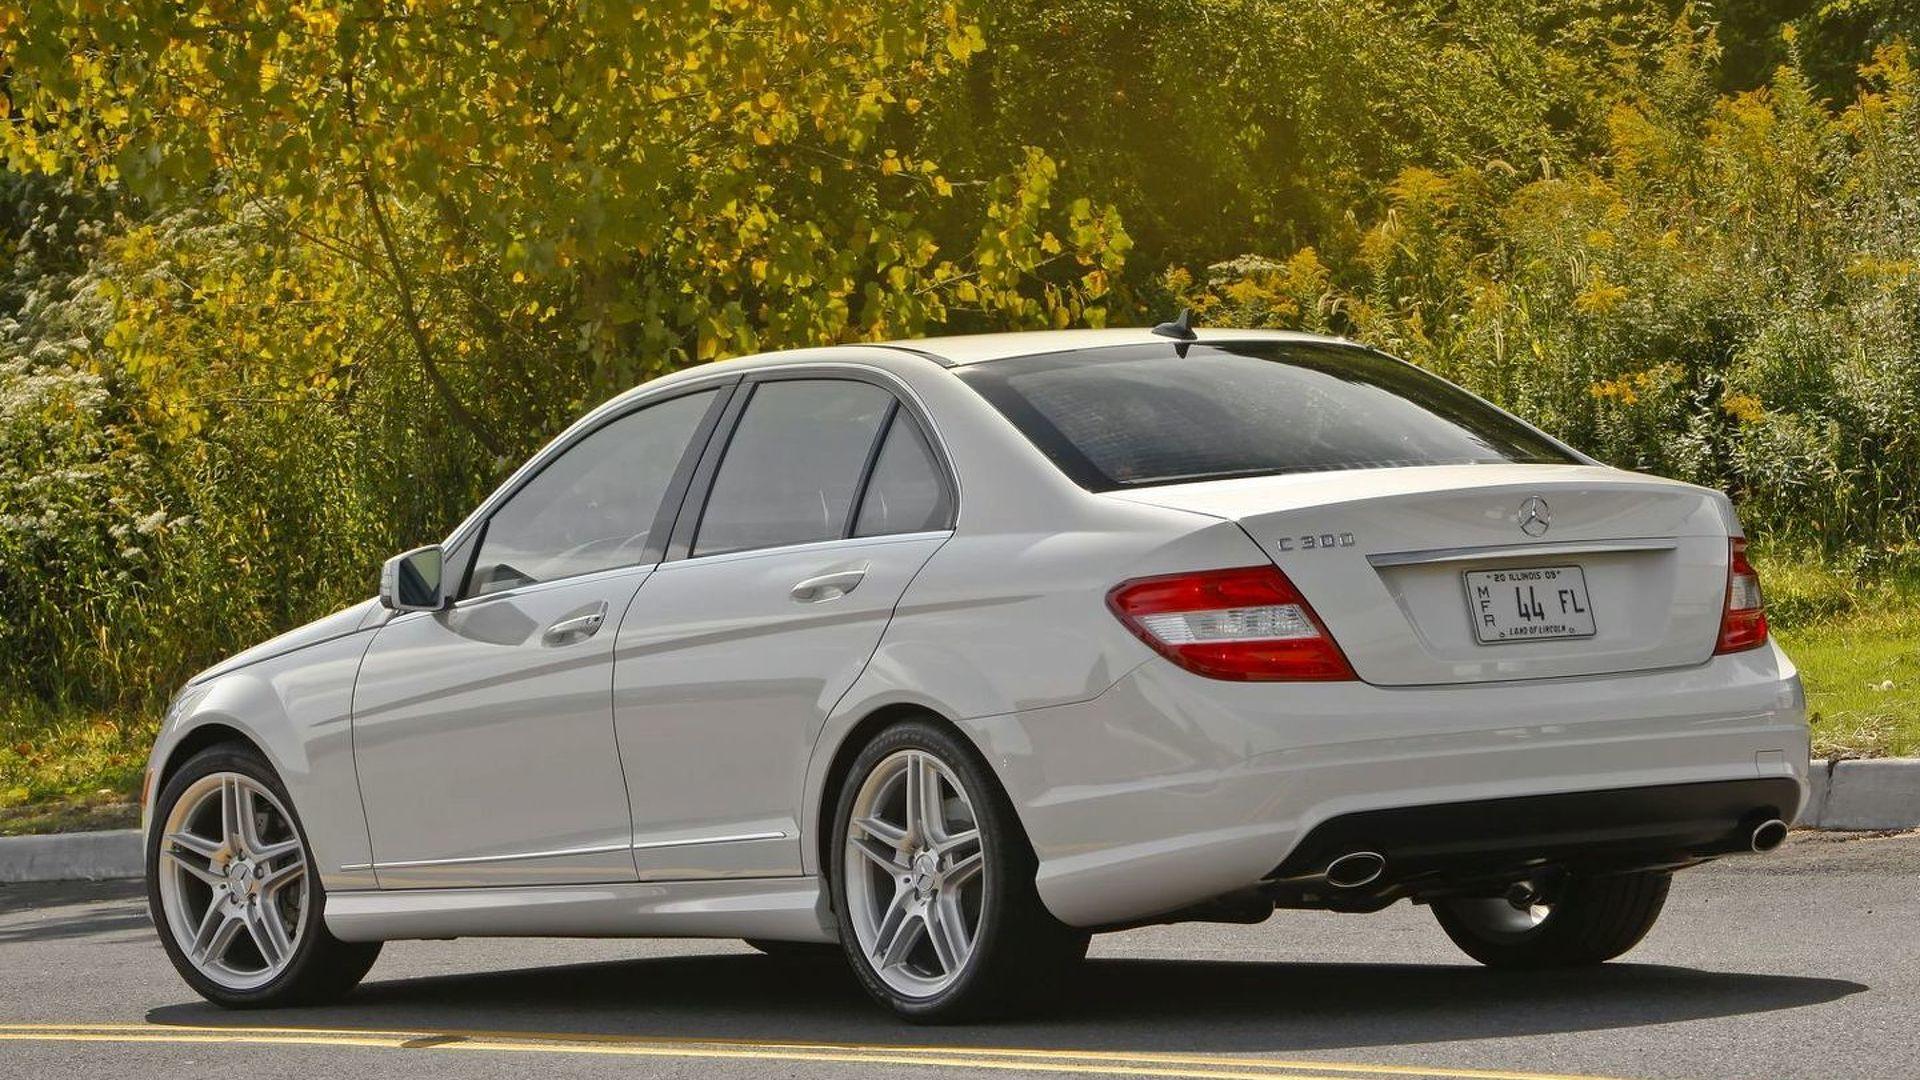 Mercedes considering u s built c class for 2010 mercedes benz c300 recalls